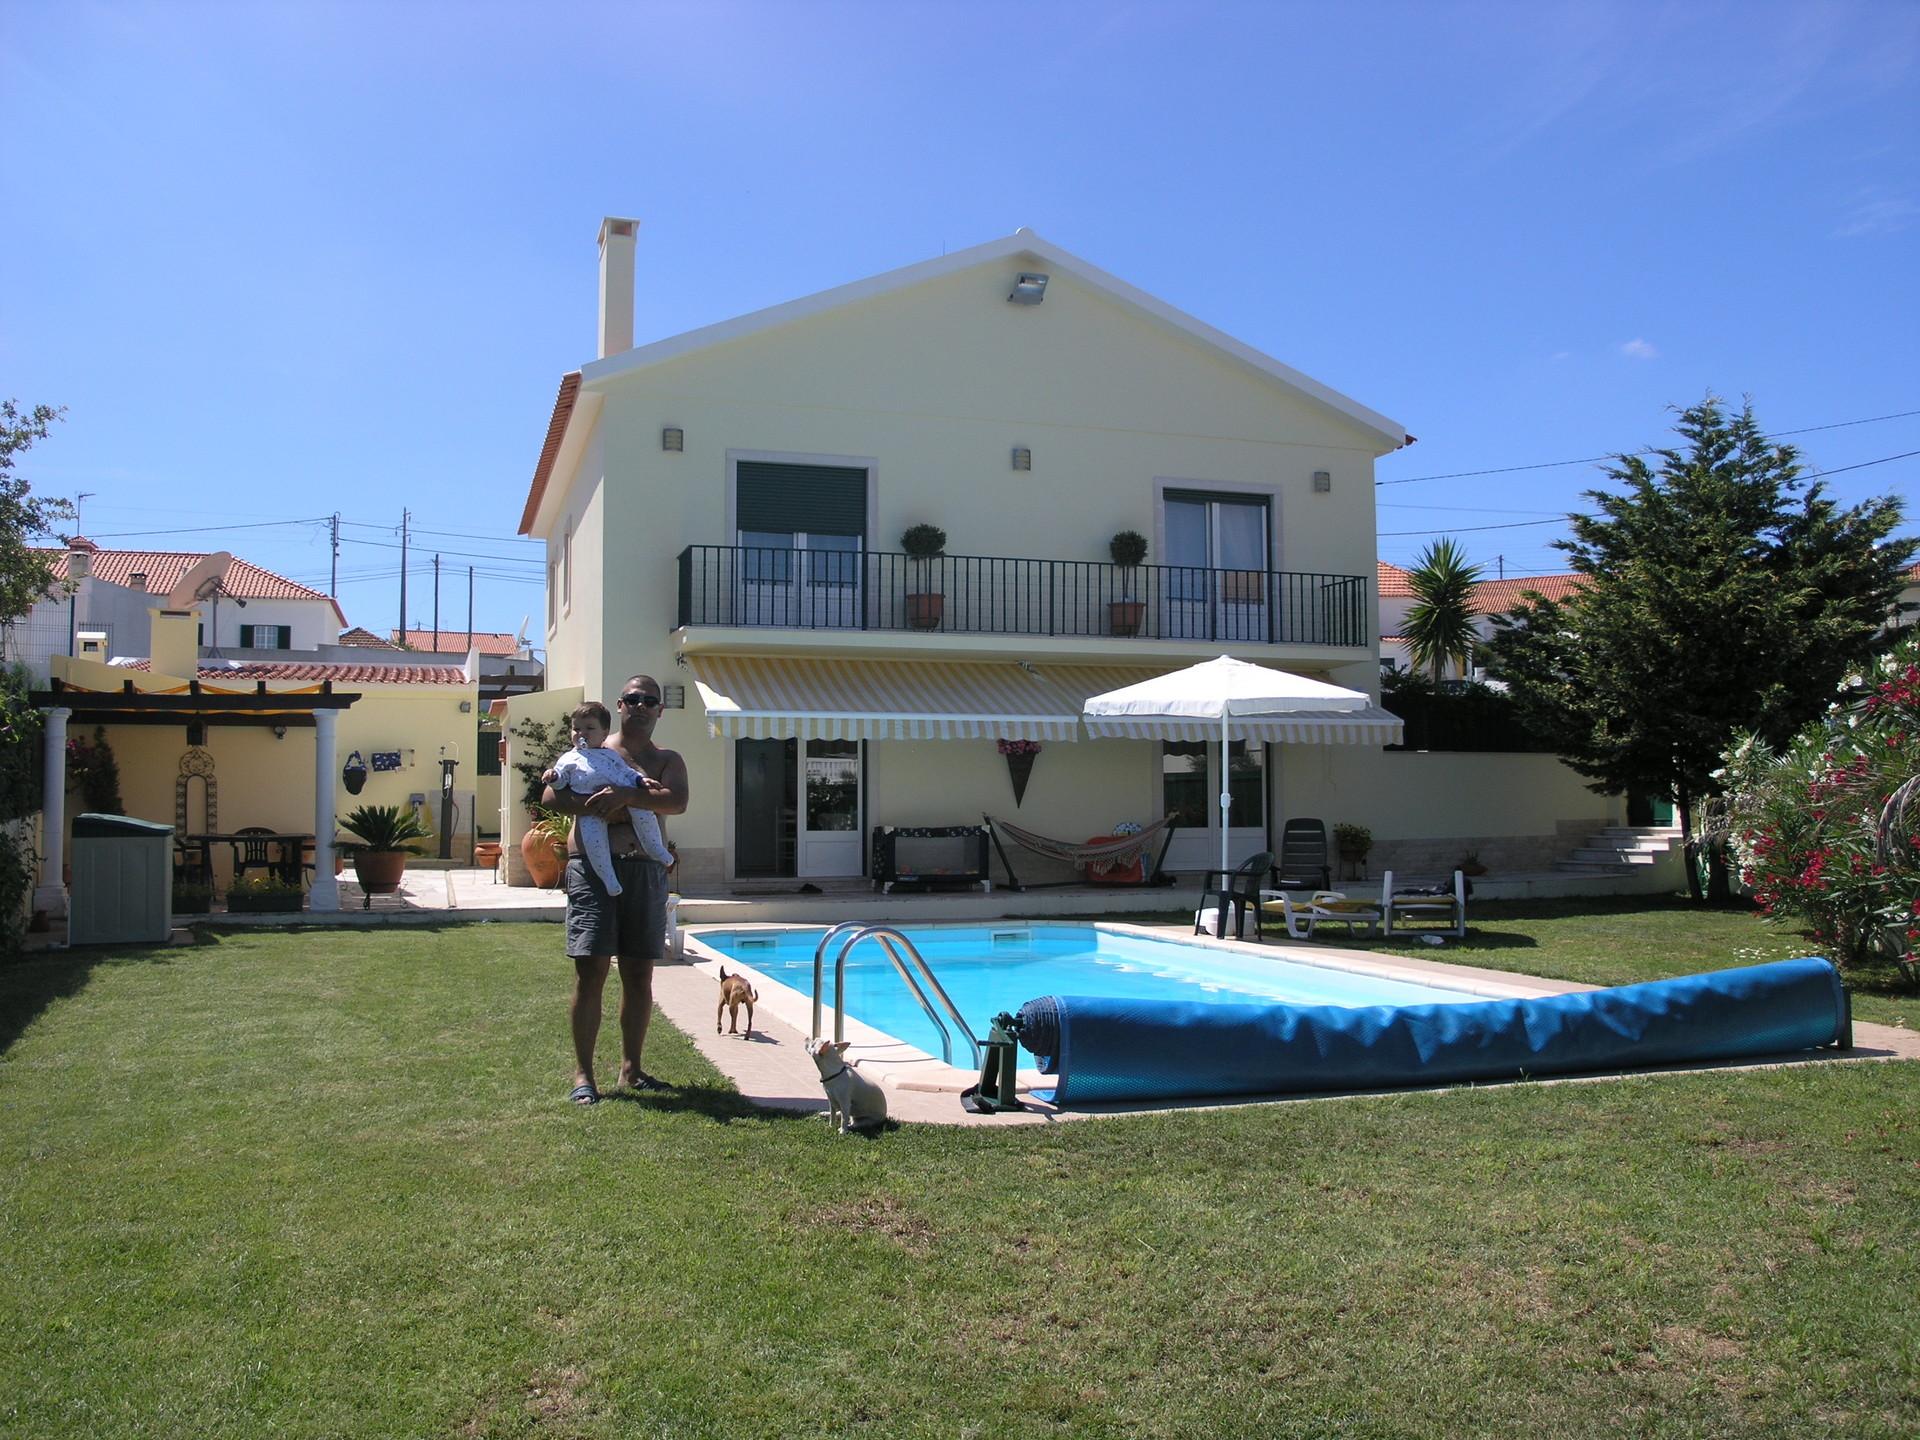 room-house-swimming-pool-519746474e213defa02523a38ab701eb